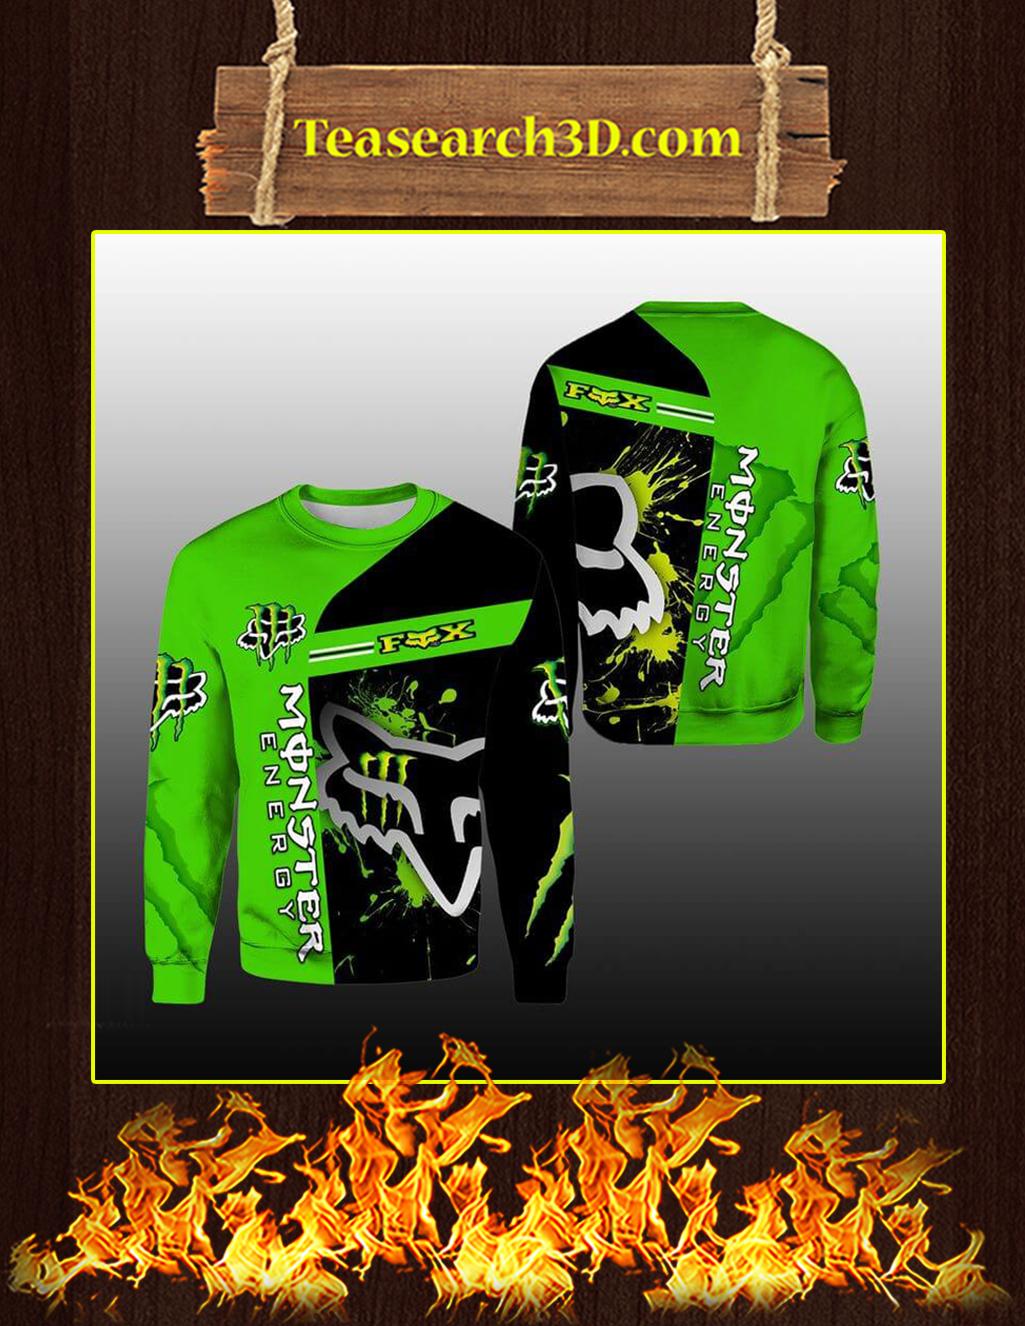 Green Monster Energy Fox Racing 3D Sweatshirt